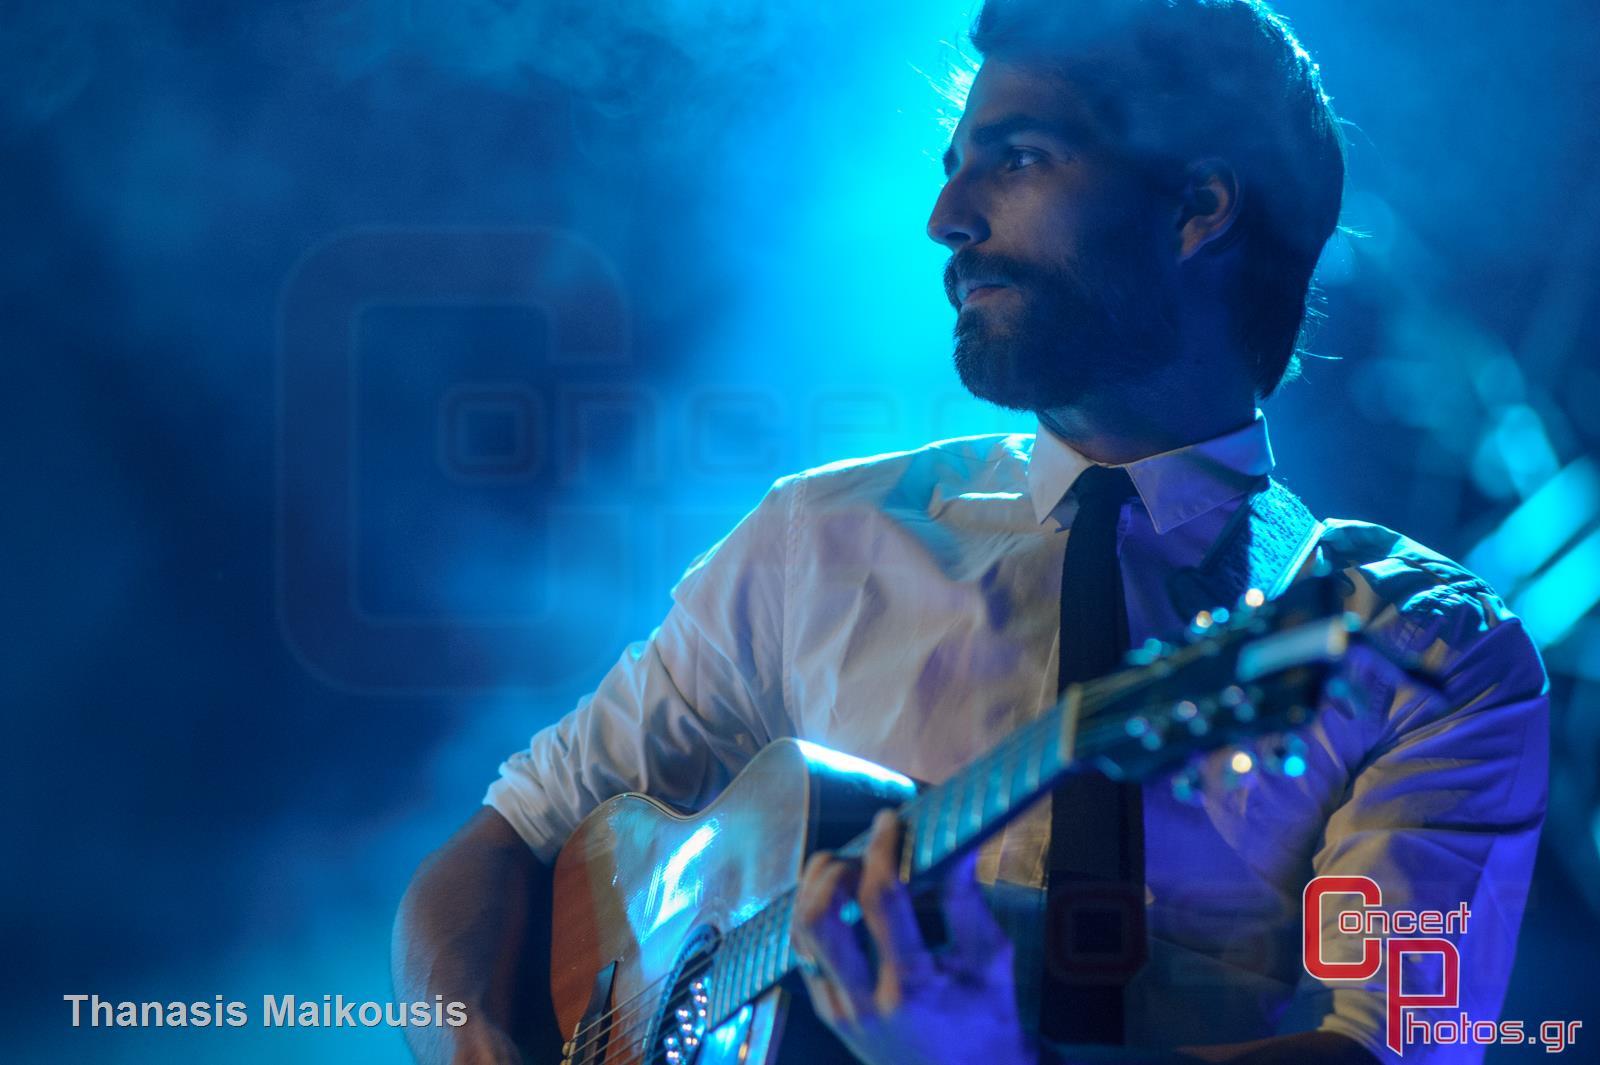 Nouvelle Vague-Nuvelle Vague photographer: Thanasis Maikousis - concertphotos_-8289